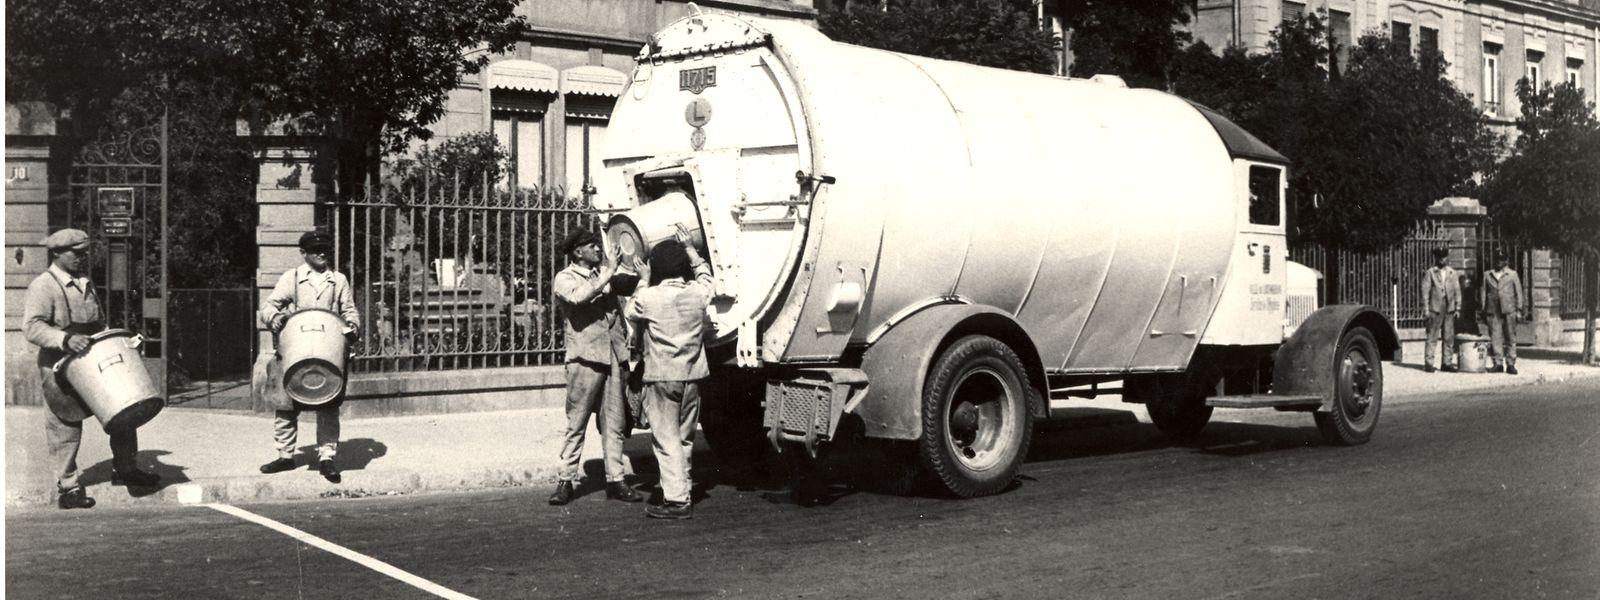 Im Jahre 1936 verfügte der Hygienedienst bereits über geschlossene Transporter, den den Geruch eindämmten, wie auf diesem Bild vom Boulevard Royal zu erkennen ist.